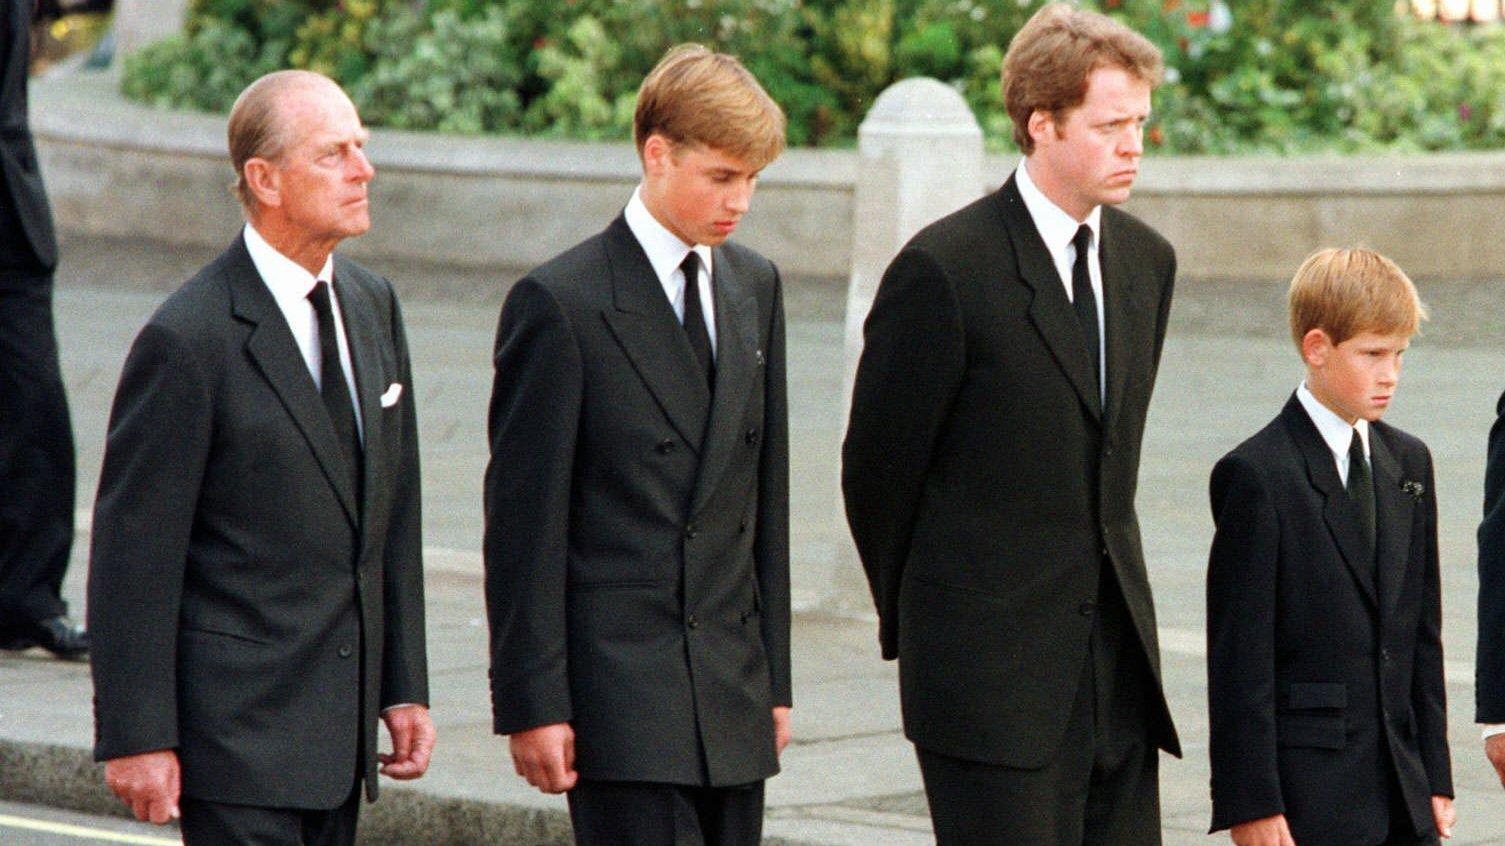 Zur Beerdigung ihrer Mutter gingen die Prinzen ebenfalls hinter dem Sarg, Prinz Philip an ihrer Seite.